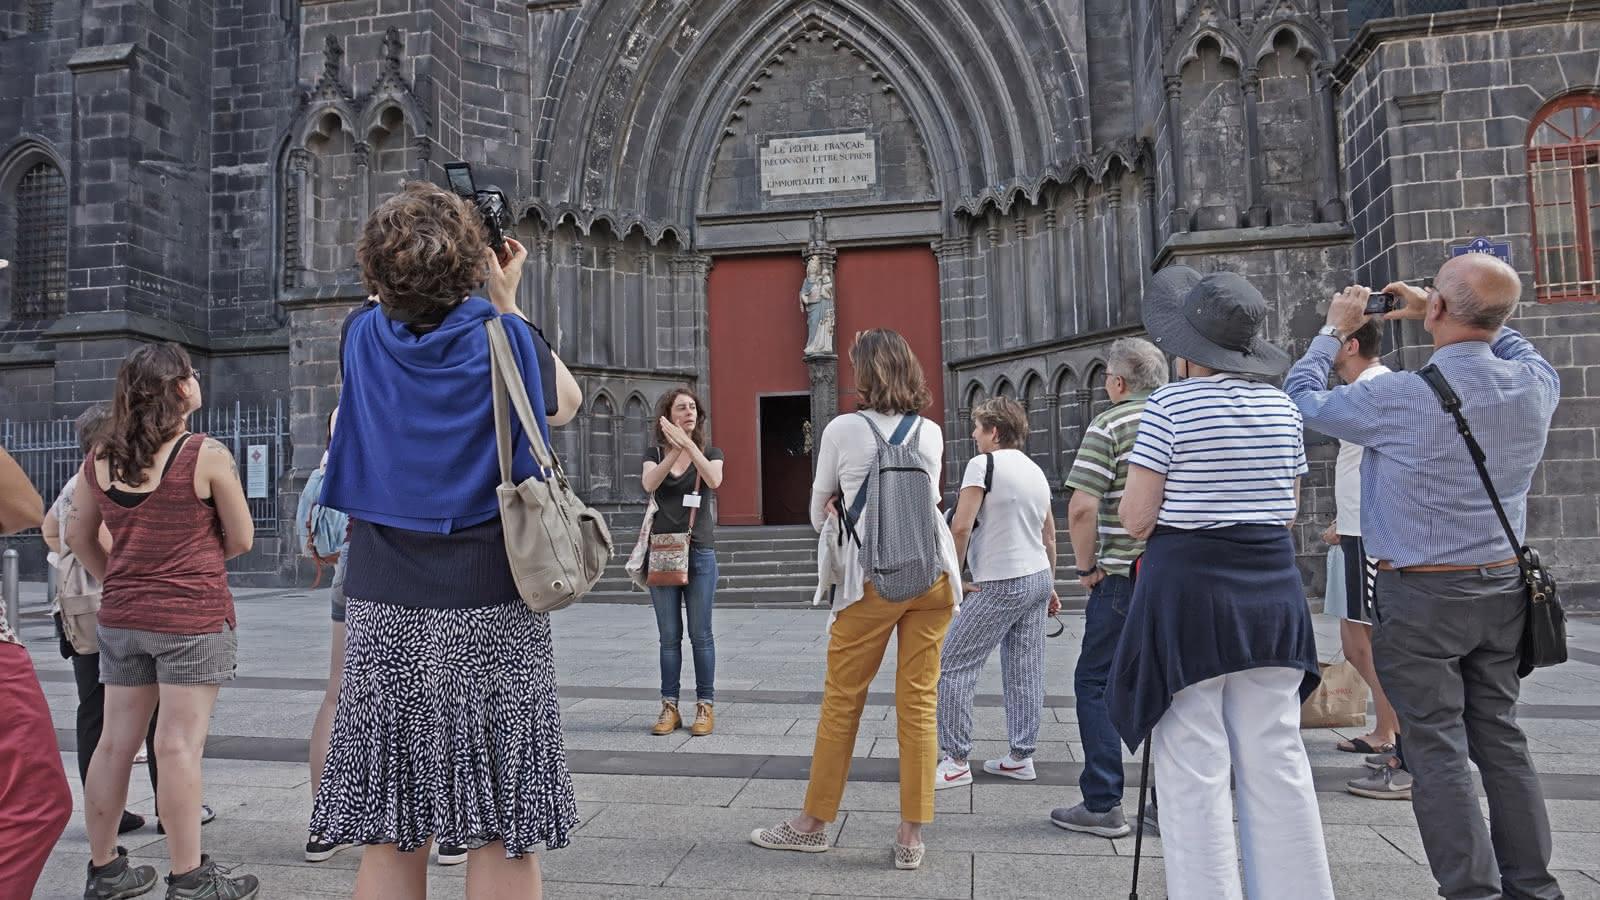 © Centre historique